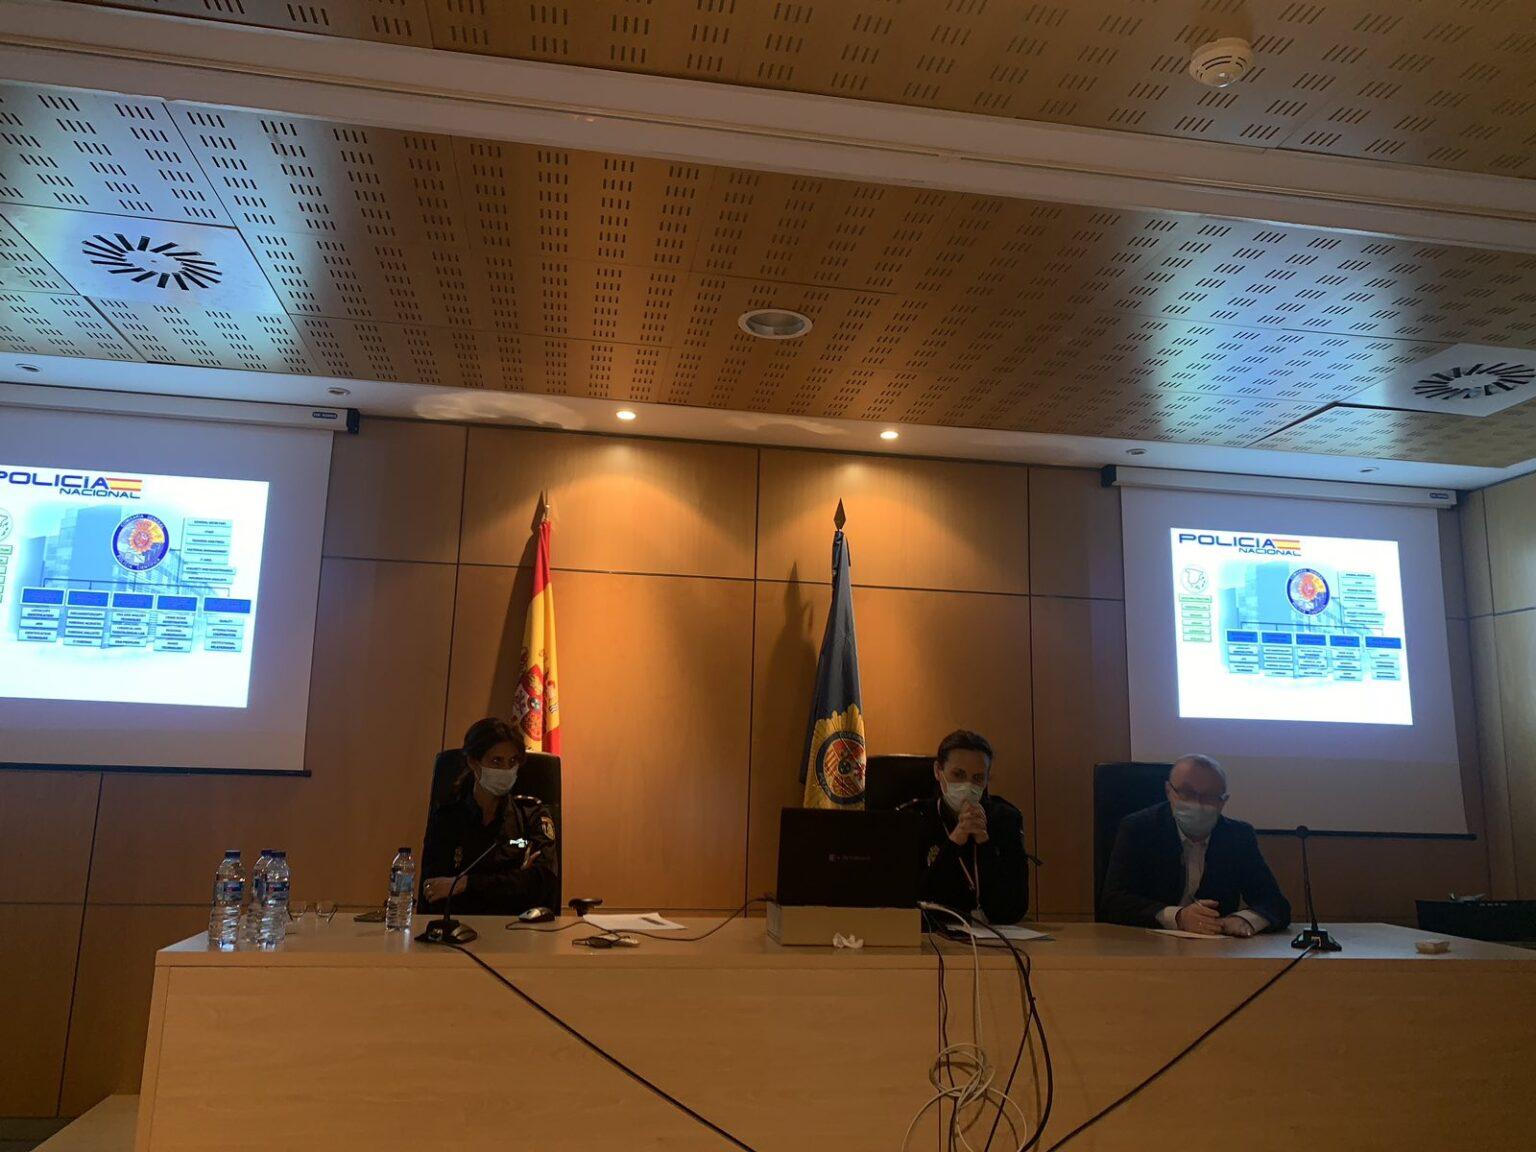 представники Київського науково-дослідного інституту судових експертиз Міністерства юстиції України на чолі з директором Олександром Рувіним